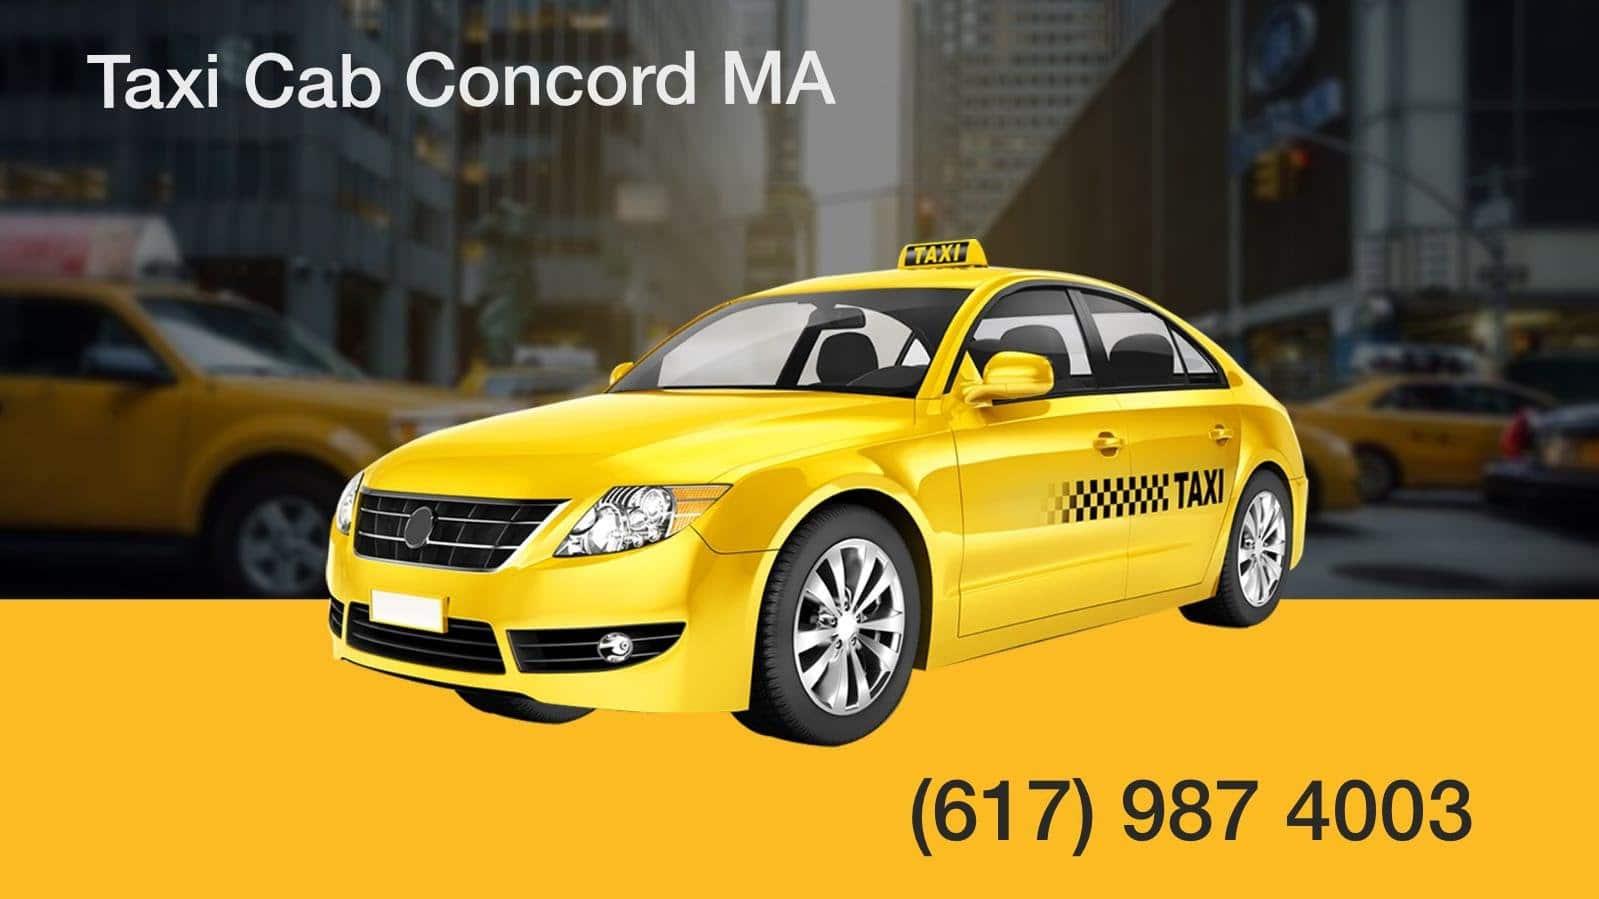 Concord ma Airport Taxi Cab Service